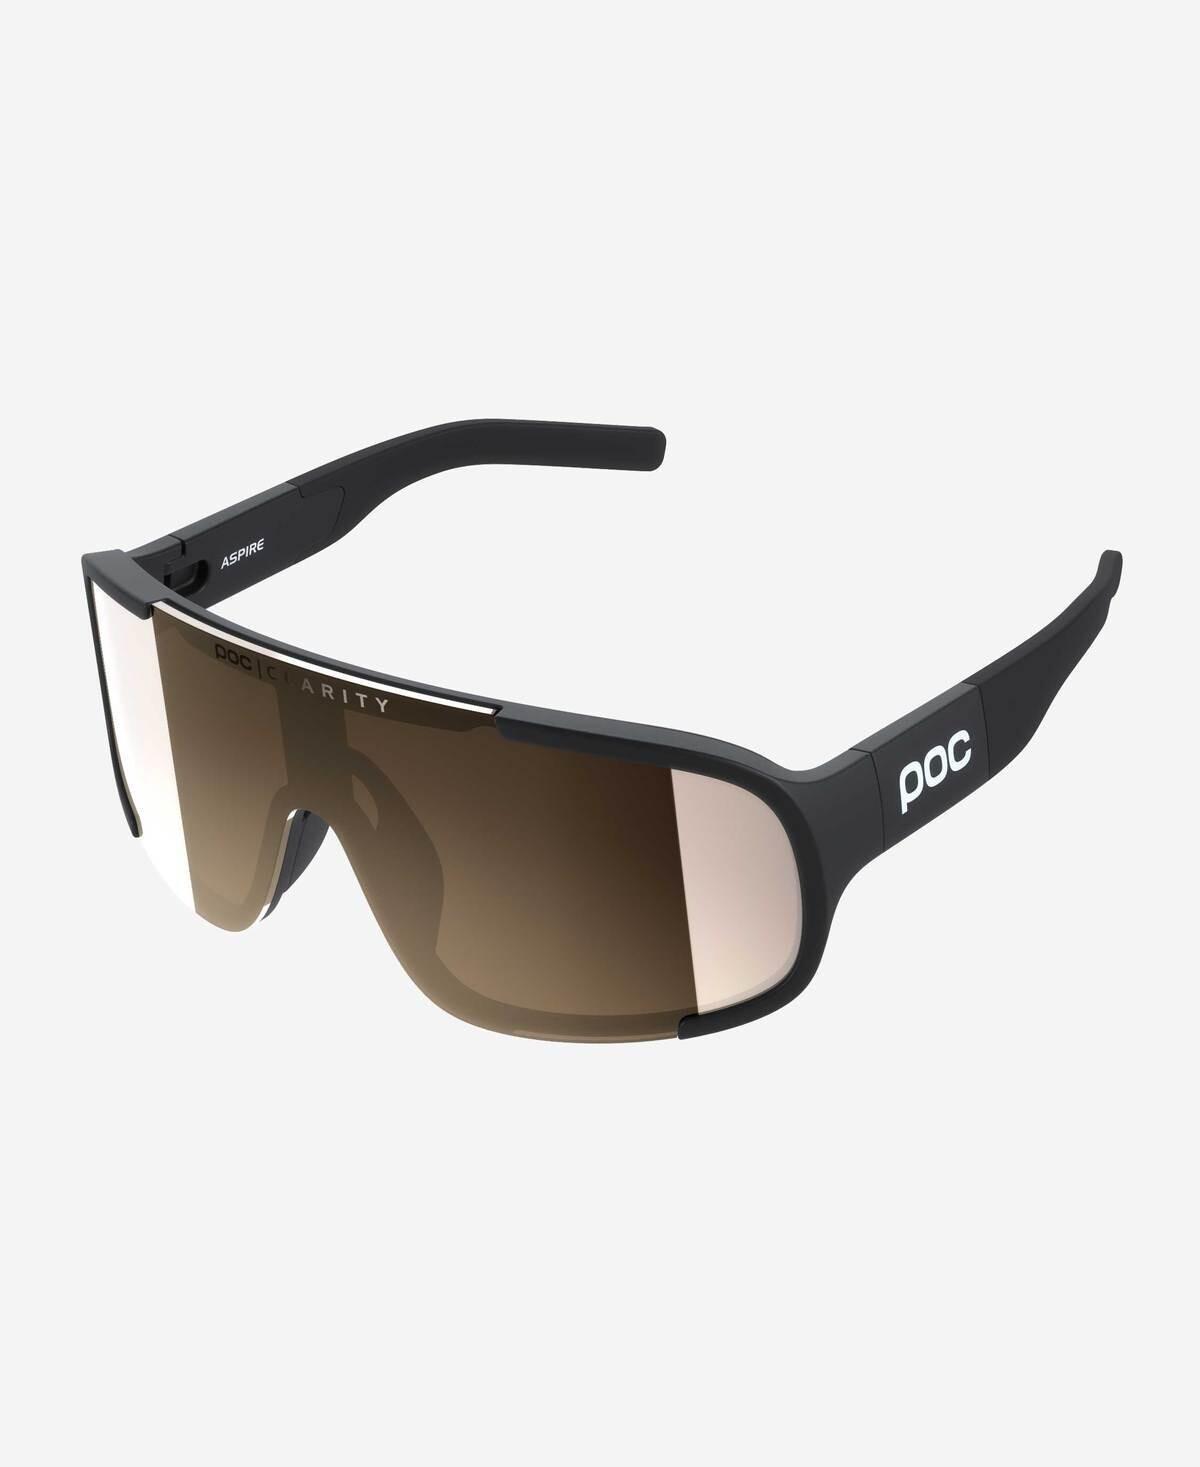 Aspire Sunglasses Uranium Black